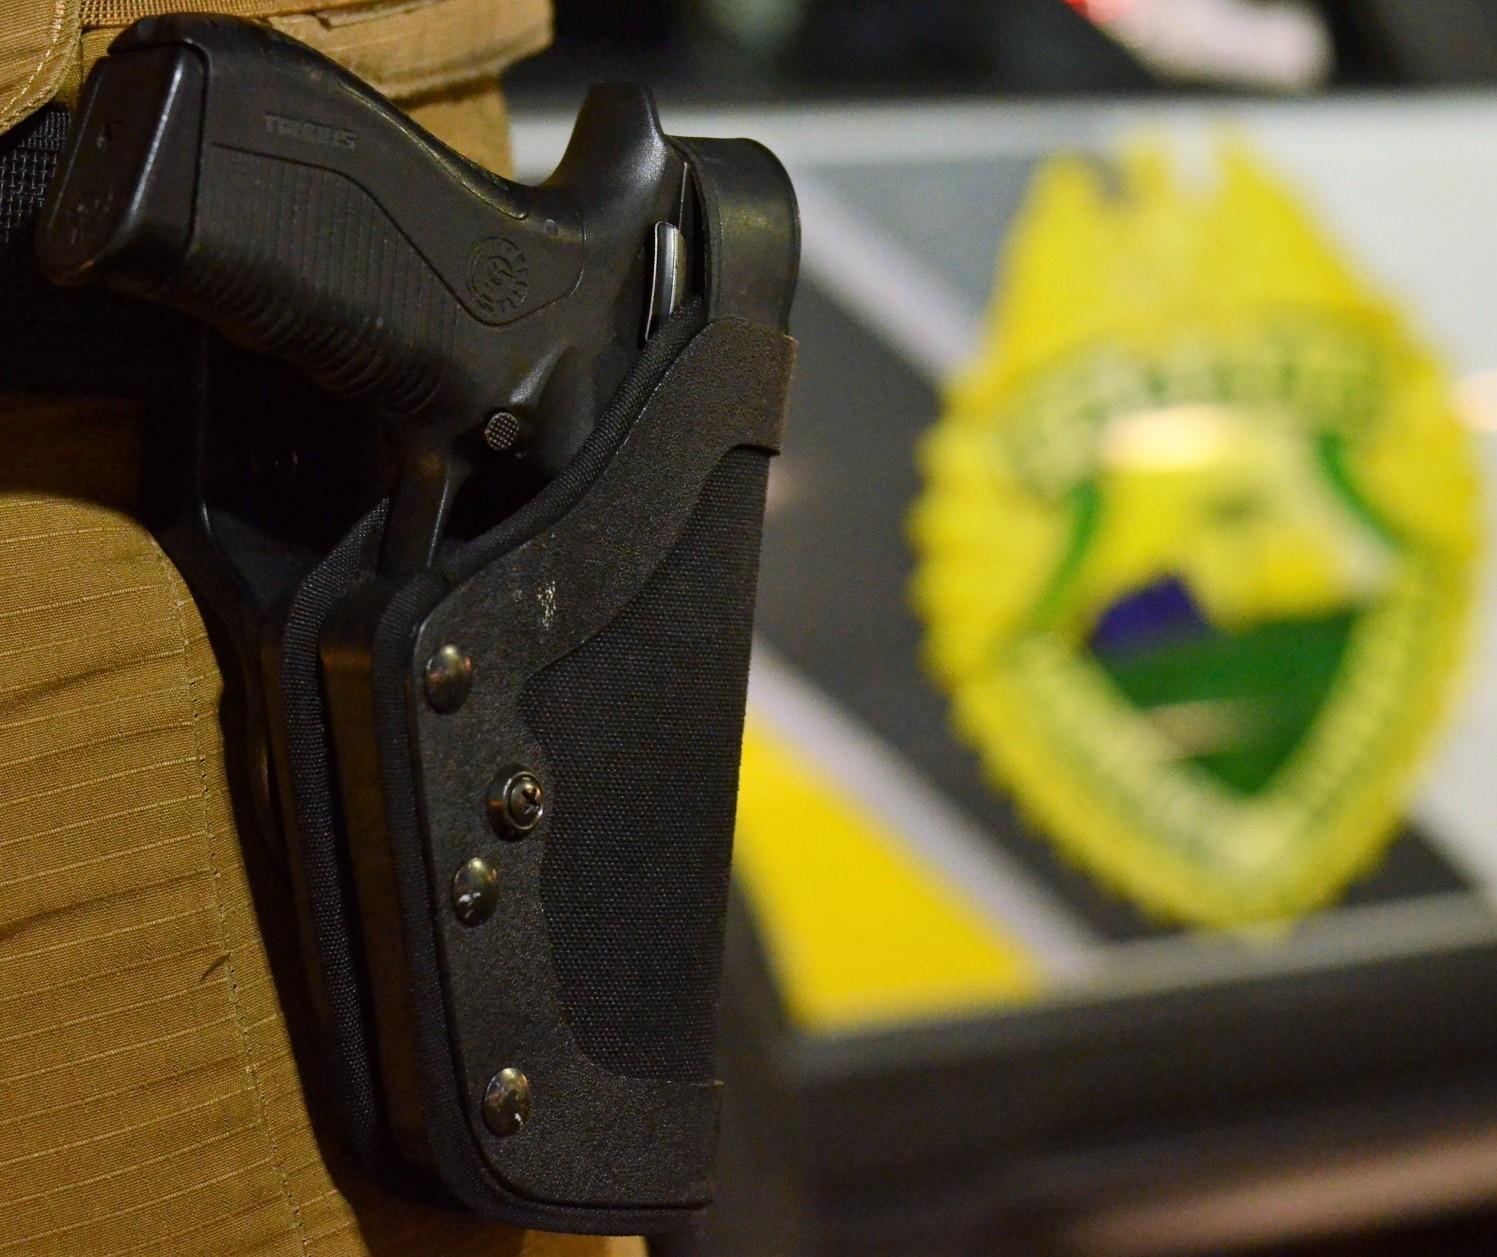 Suspeito de homicídio morre em confronto com a polícia